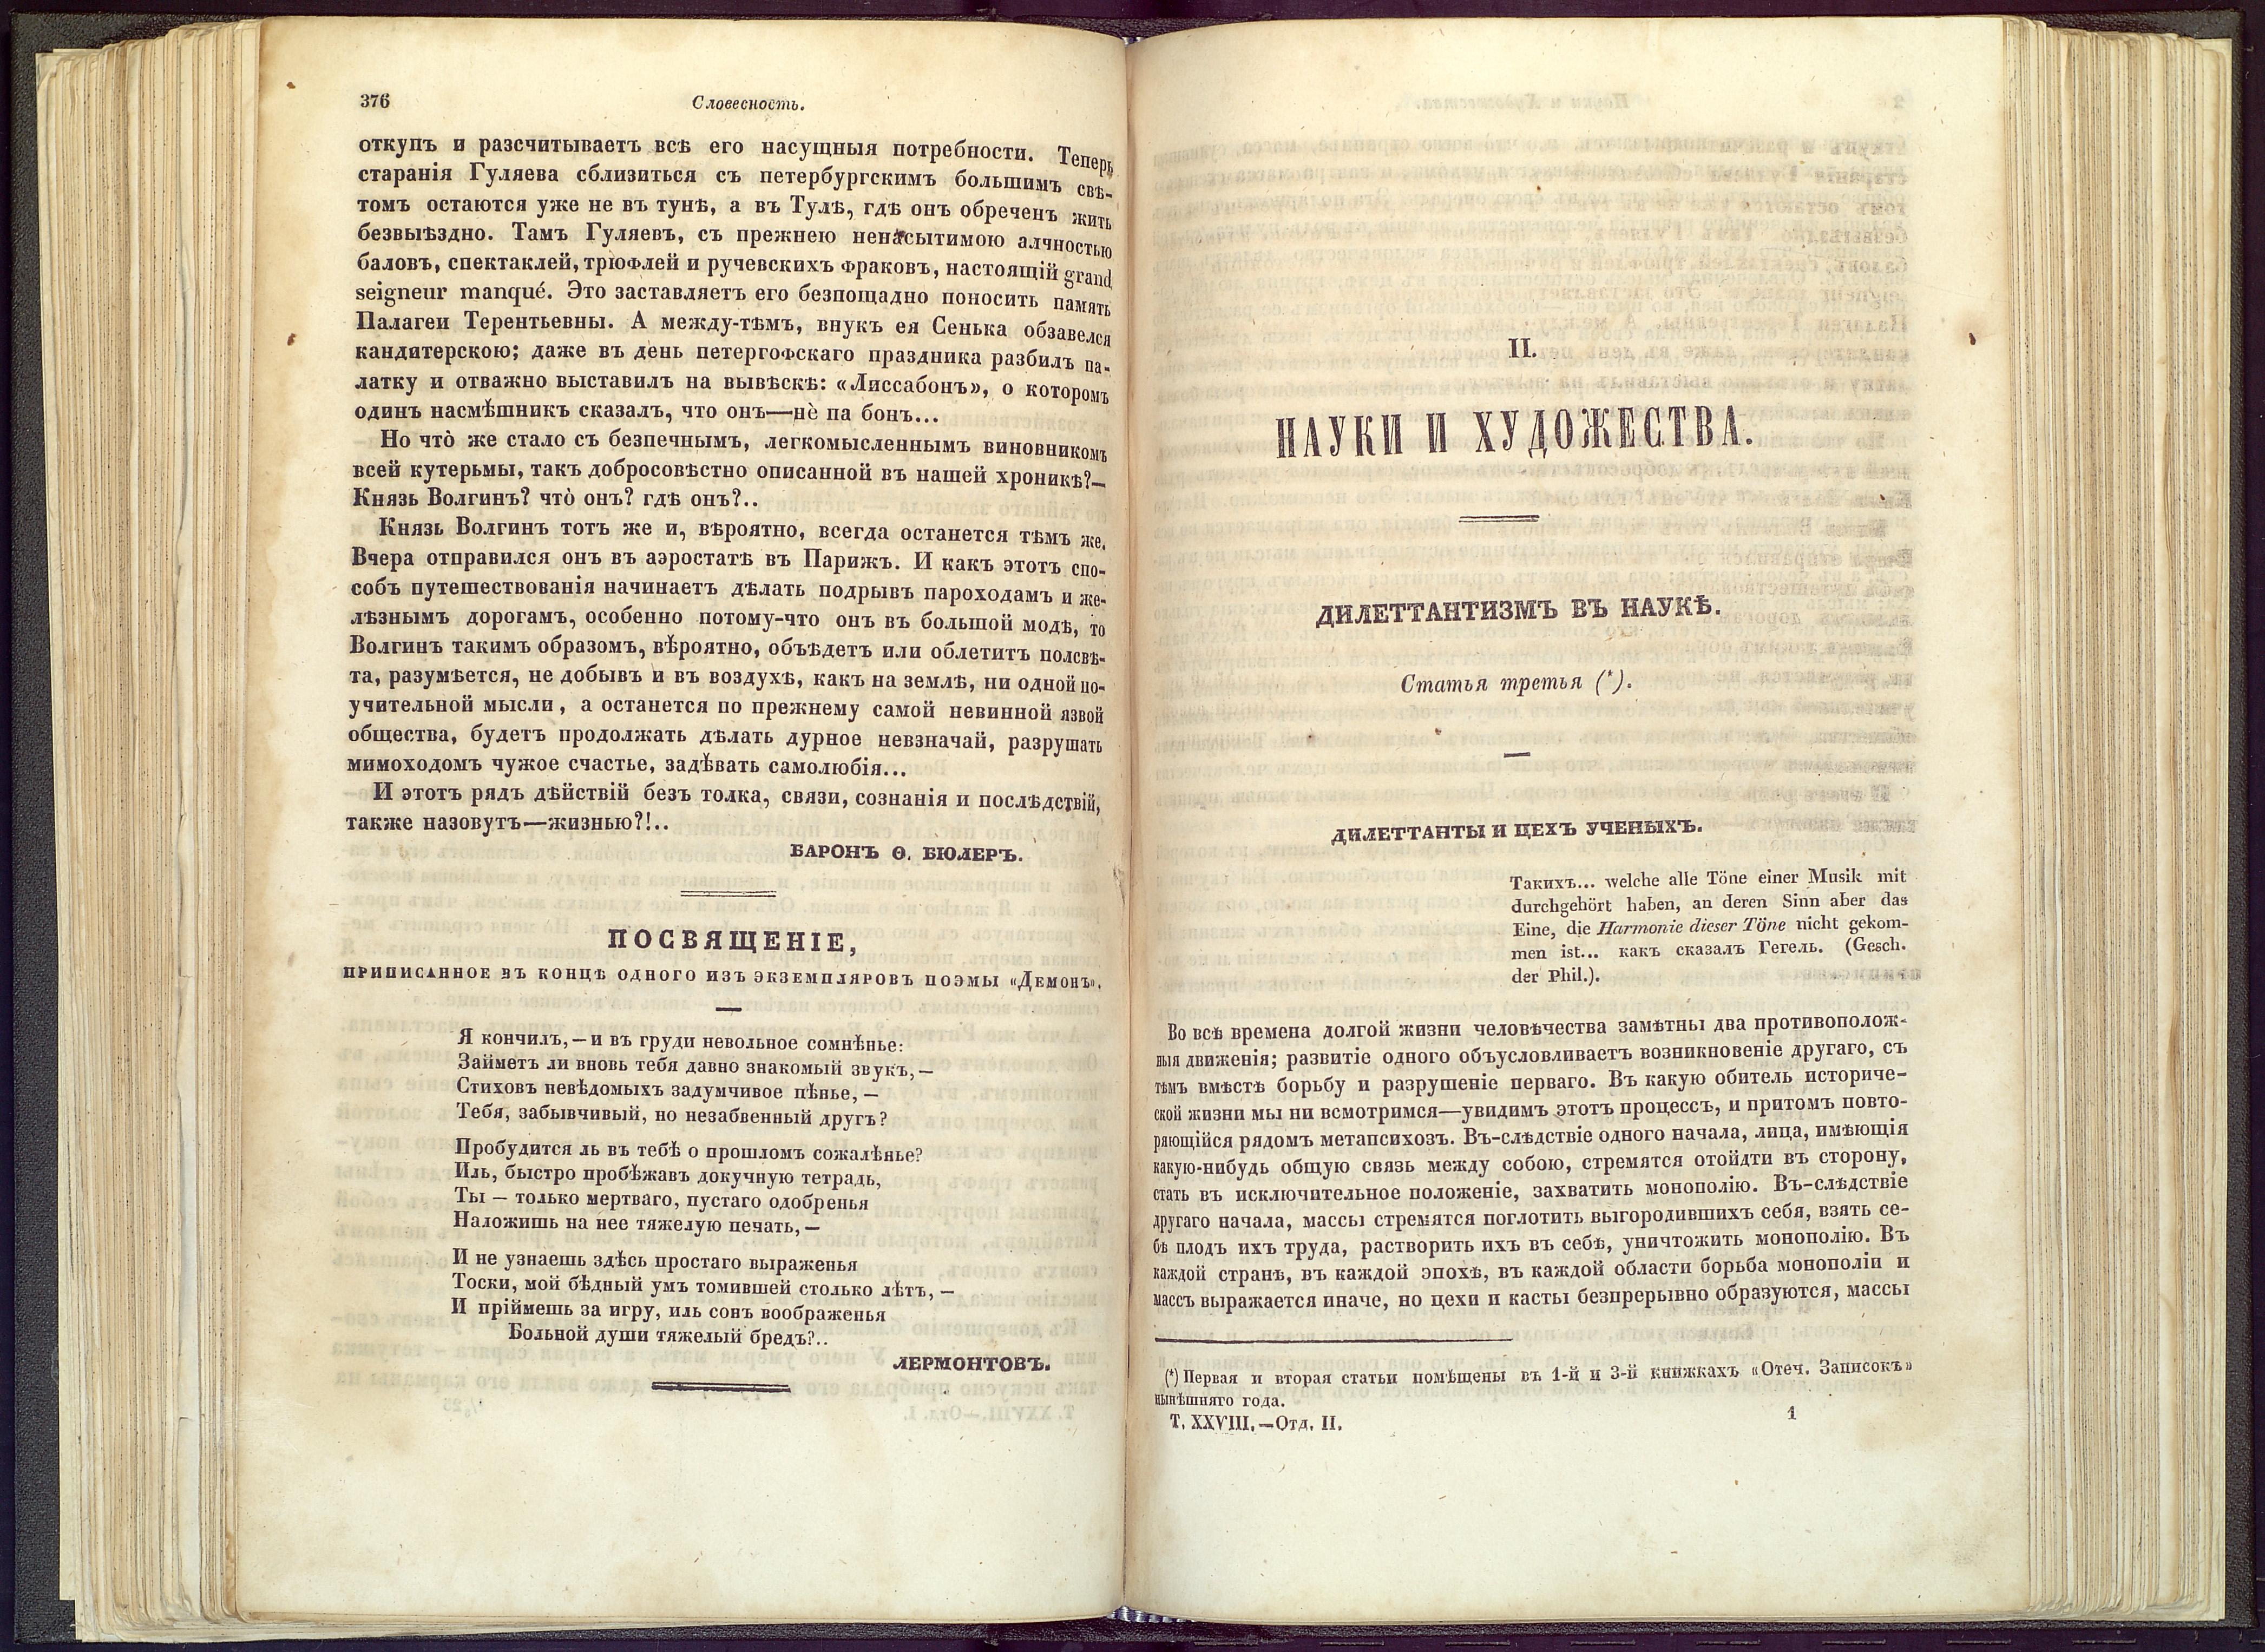 ЛОК-7554 ТАРХАНЫ КП-14180  Журнал Отечественные записки. Т. XXVIII._6